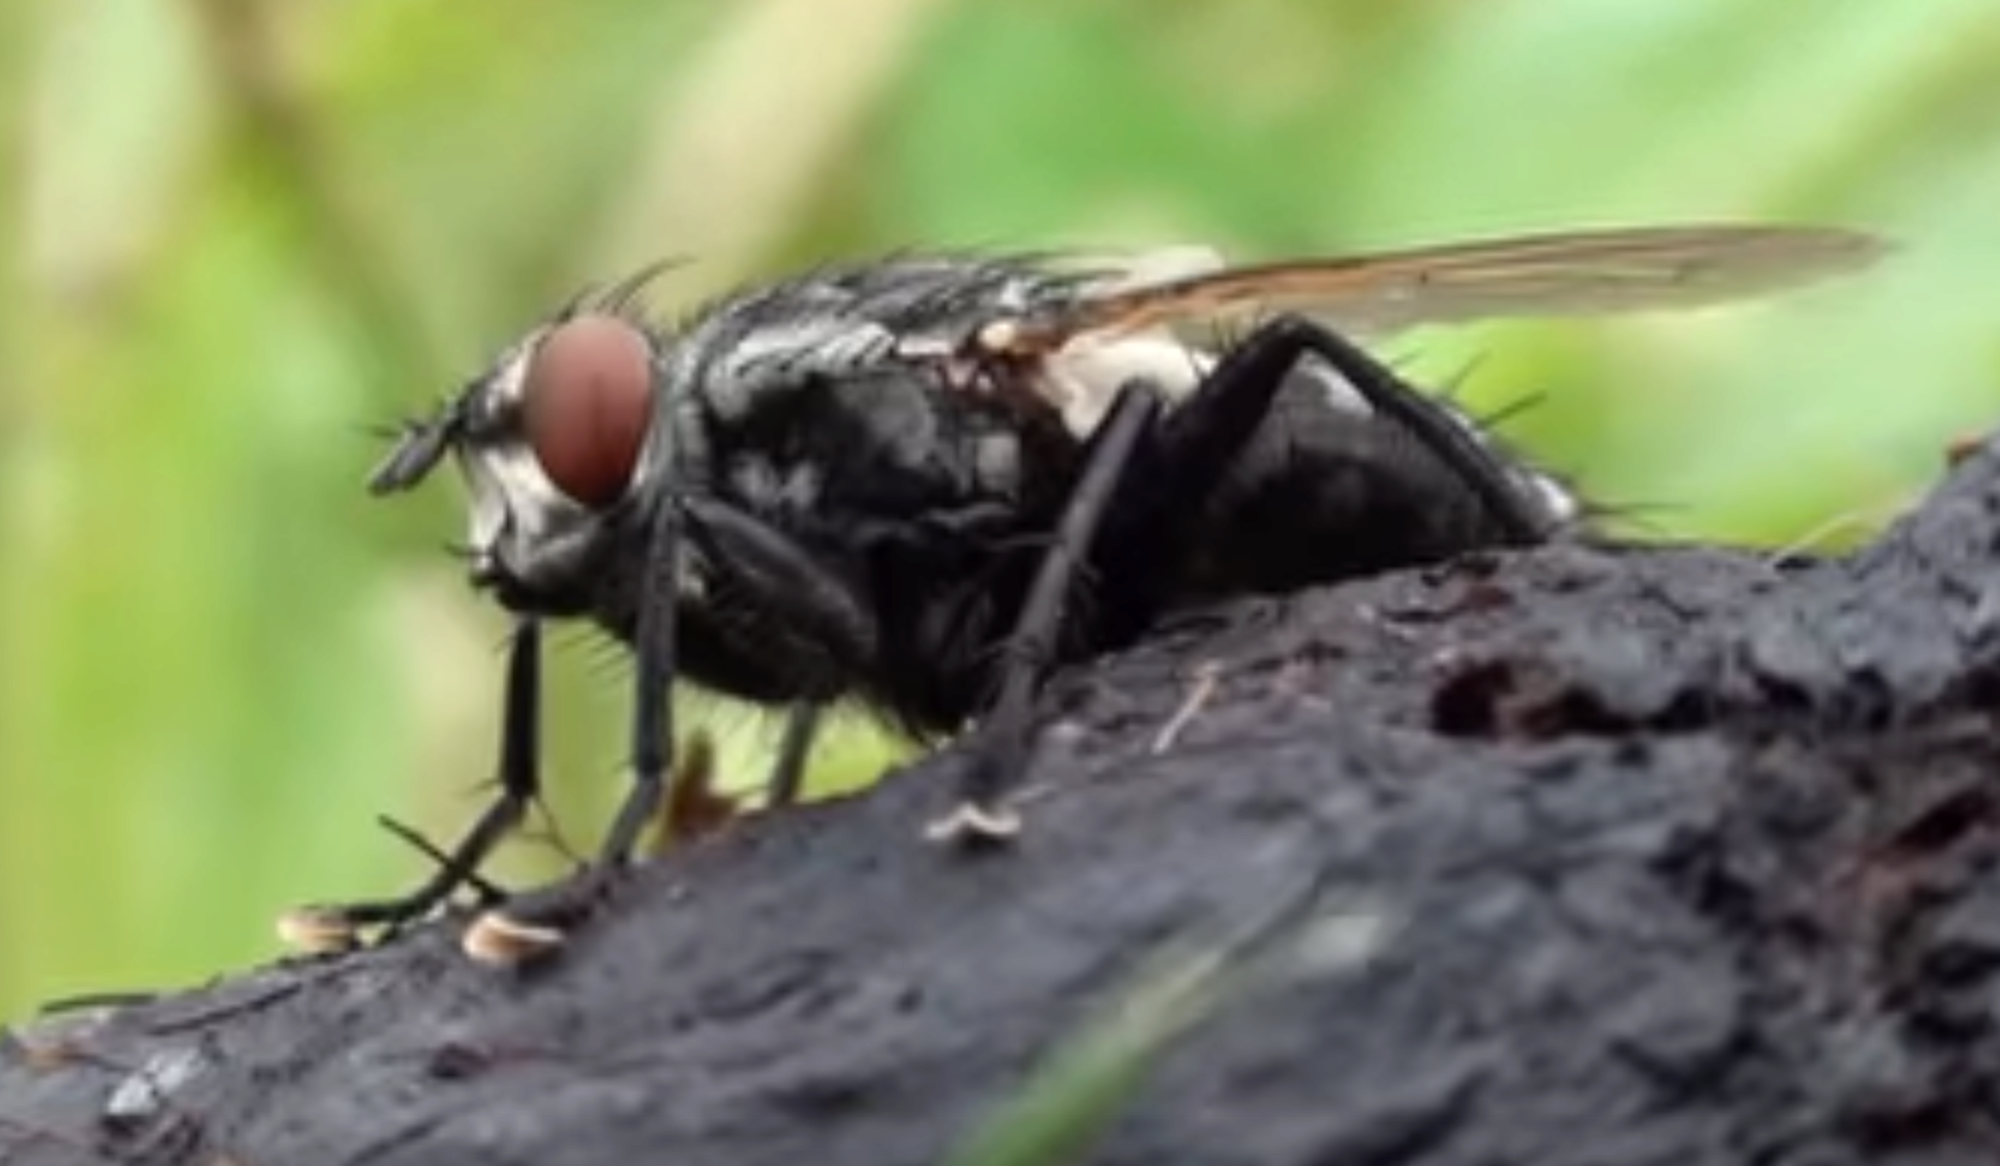 Comment Se Débarrasser De Moucherons Naturellement comment se débarrasser des mouches domestiques, contrôle de